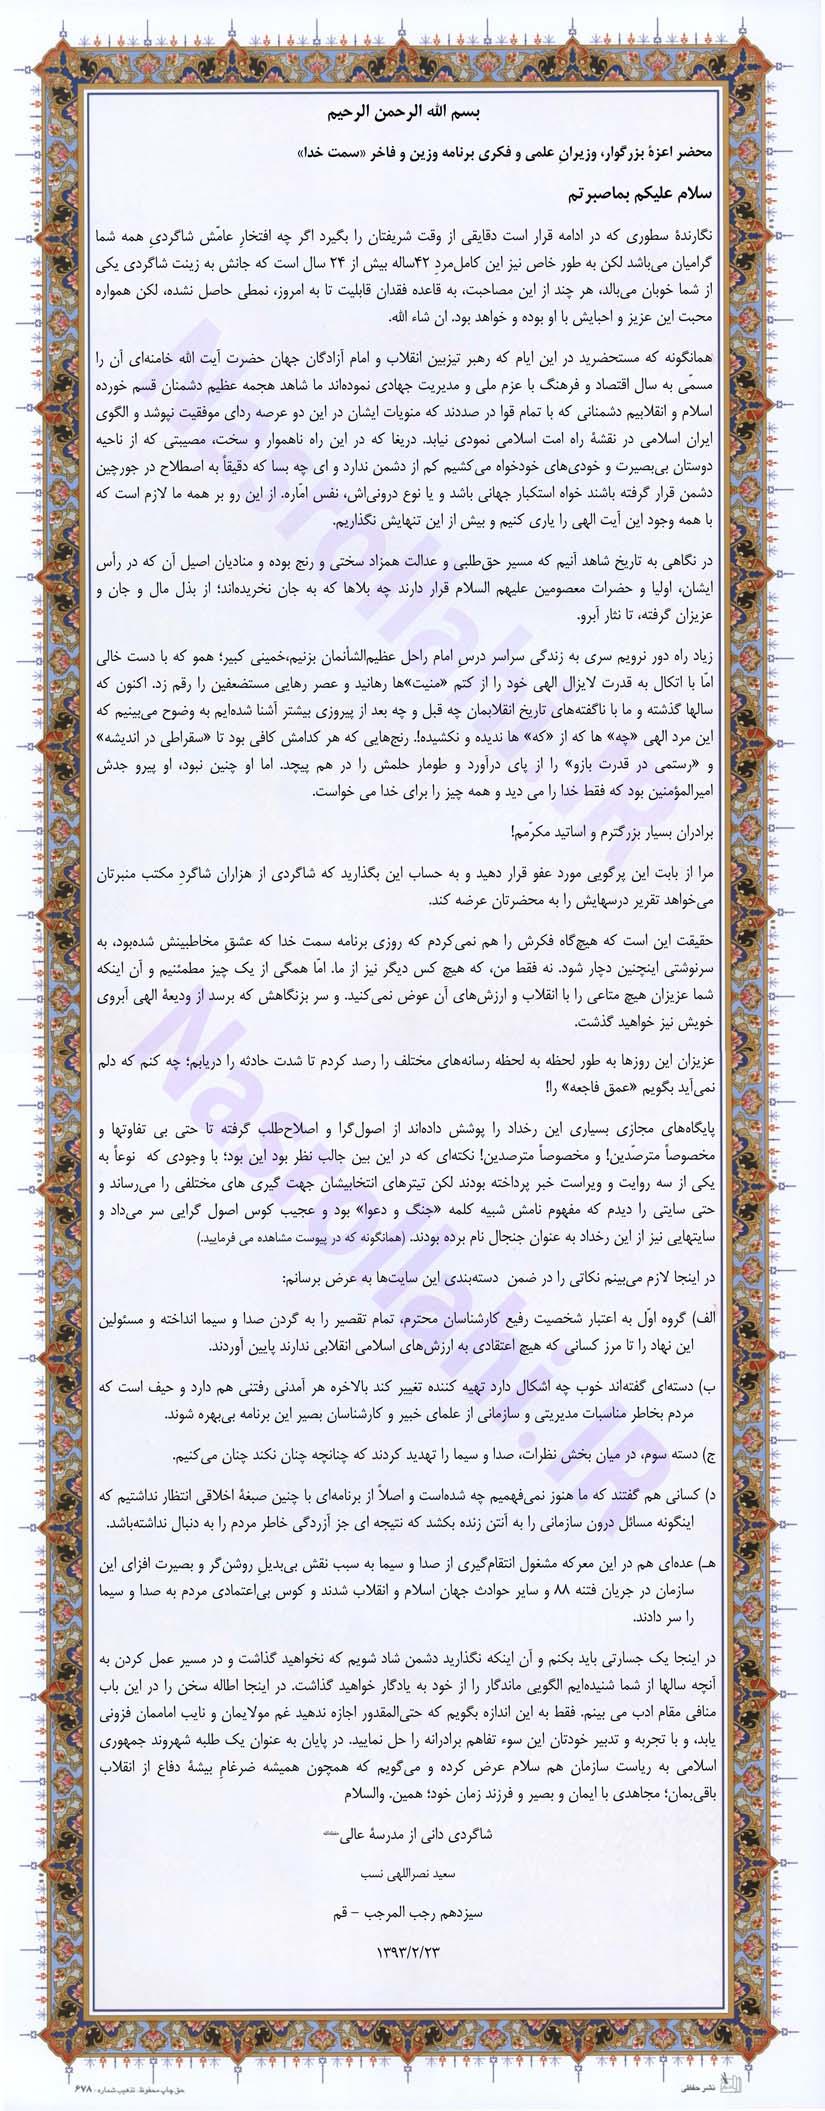 نامه به کارشناسان مخترم سمت خدا و سایرین